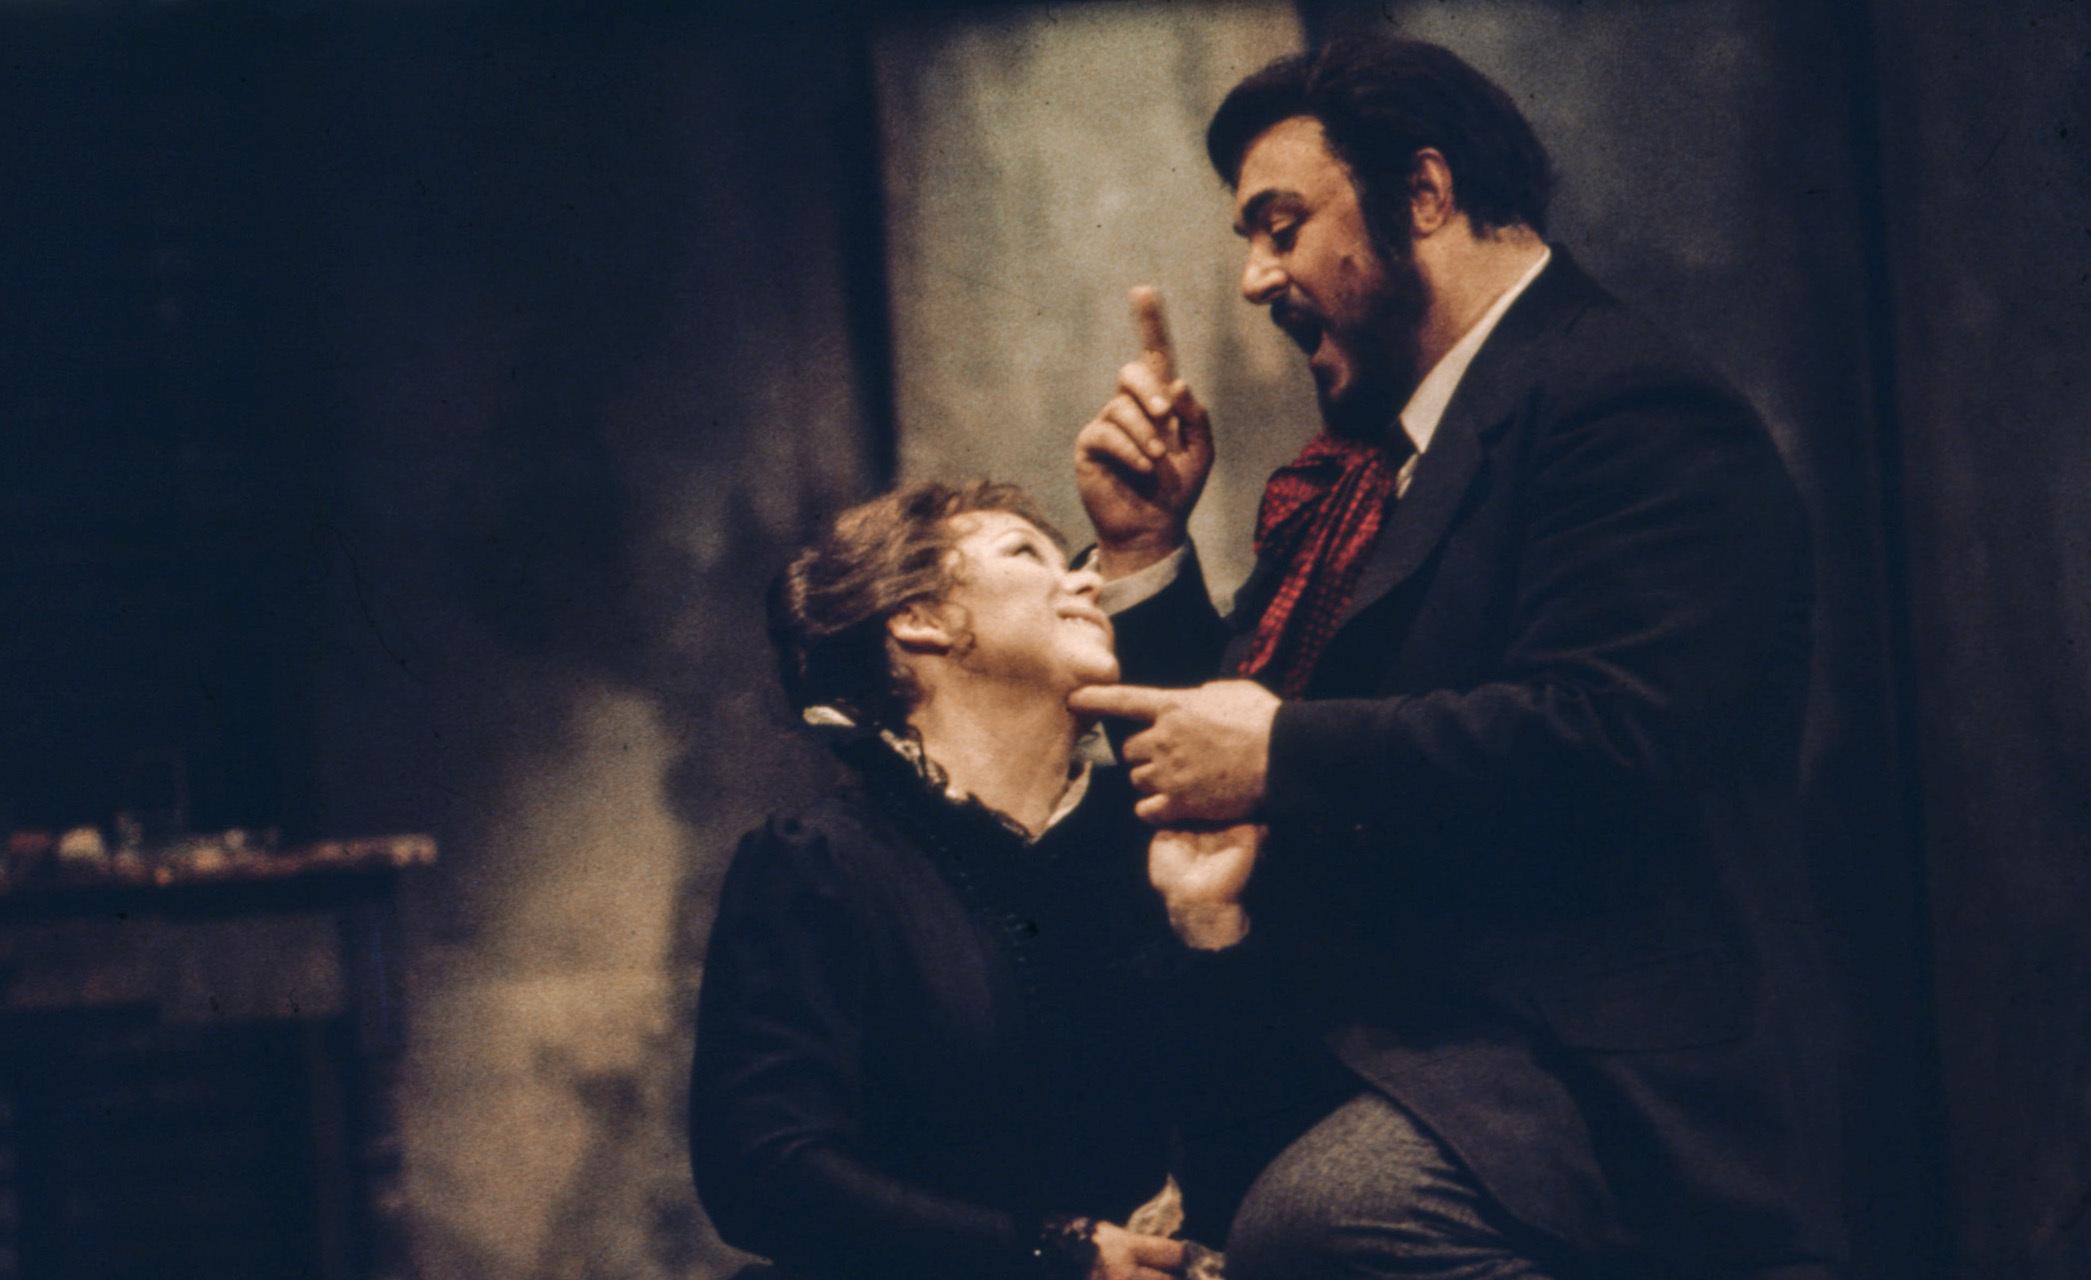 Renata Scotto dans le rôle de Mimì et Luciano Pavarotti dans le rôle de Rodolfo dans La Bohème de Puccini